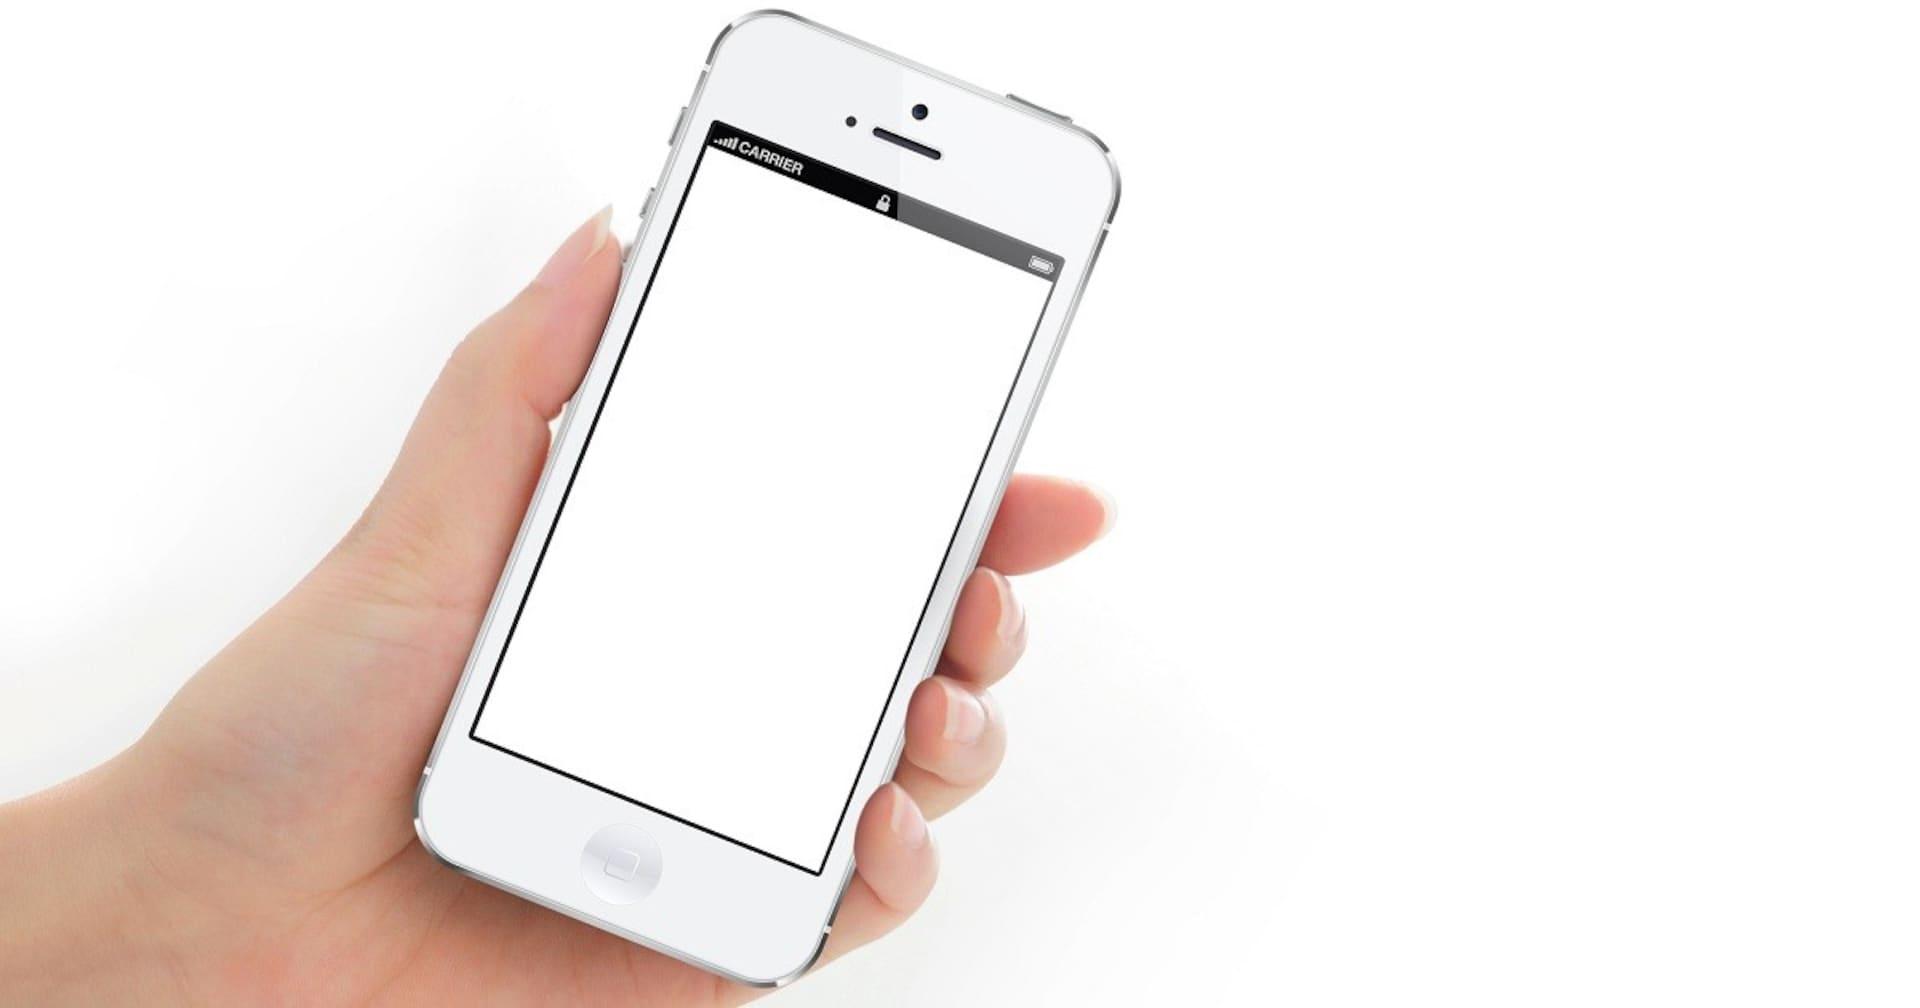 【iPhone】アプリを「取り除く」と「削除」の違いって何?